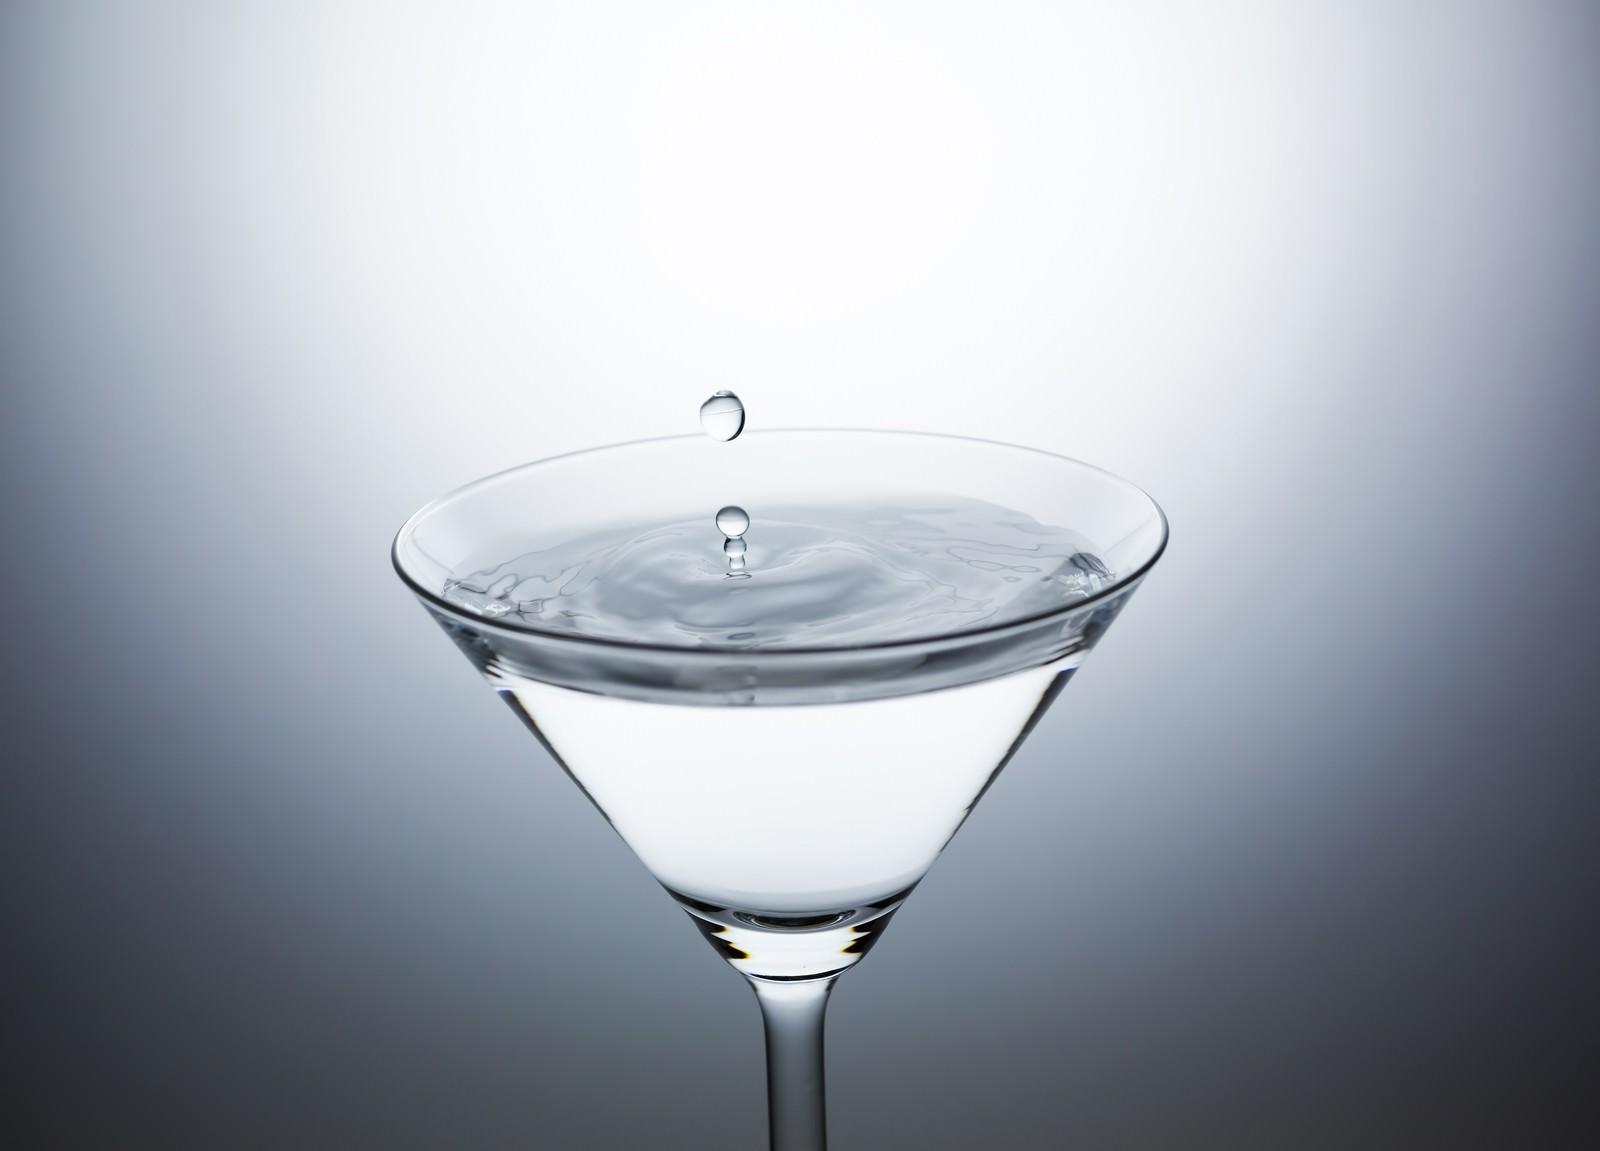 「カクテルグラスに水滴ぴちょんカクテルグラスに水滴ぴちょん」のフリー写真素材を拡大